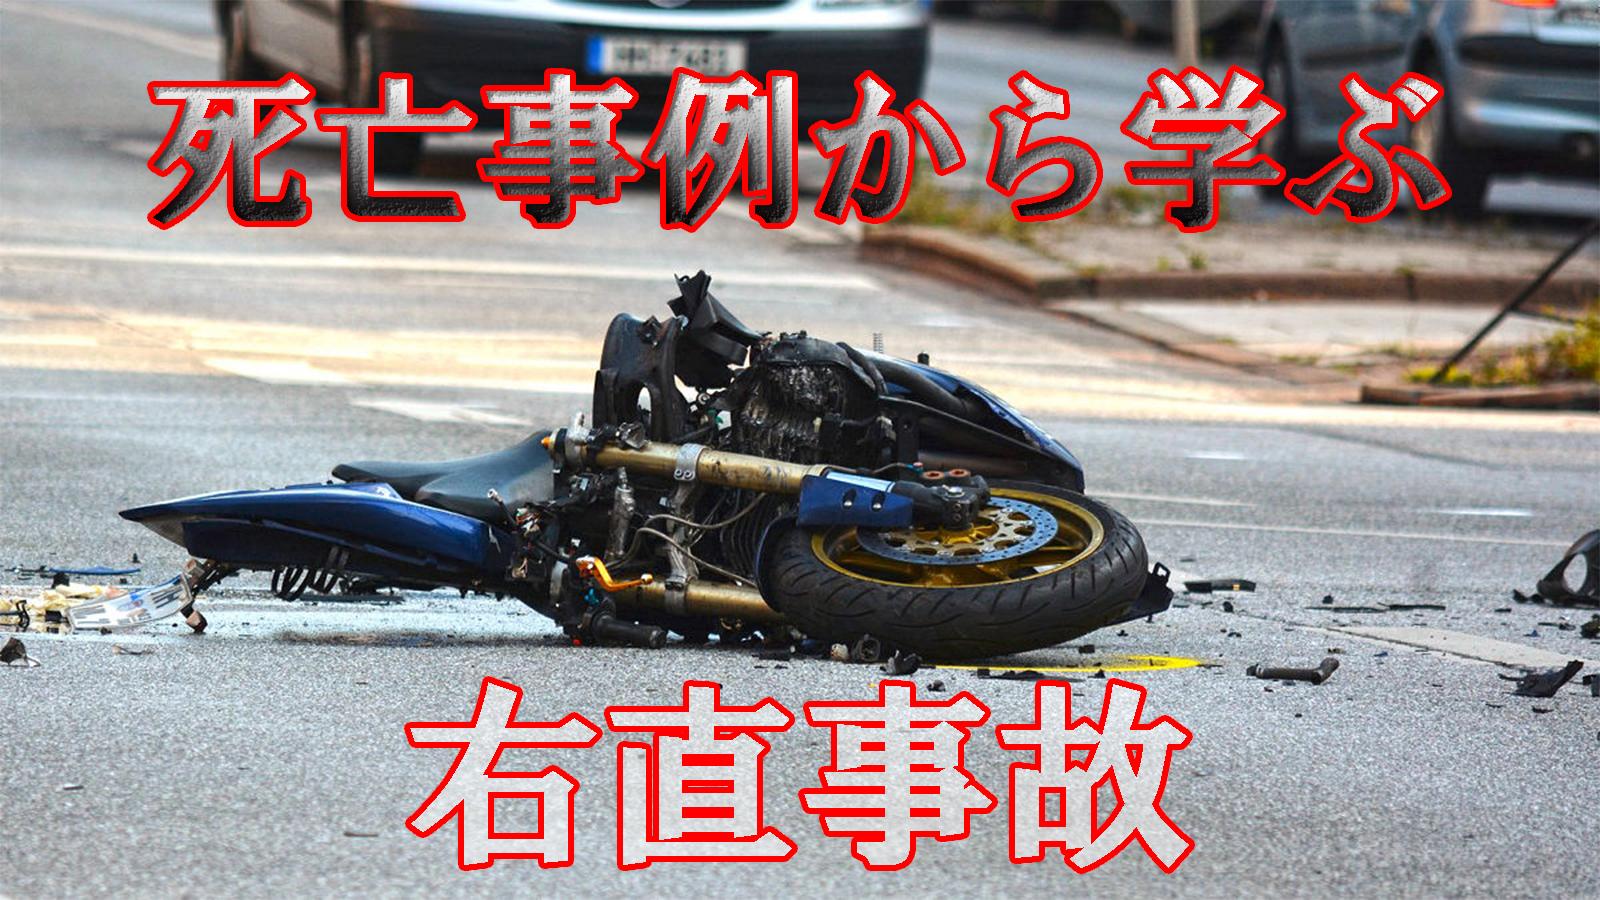 バイクの右直事故を防ぐ方法